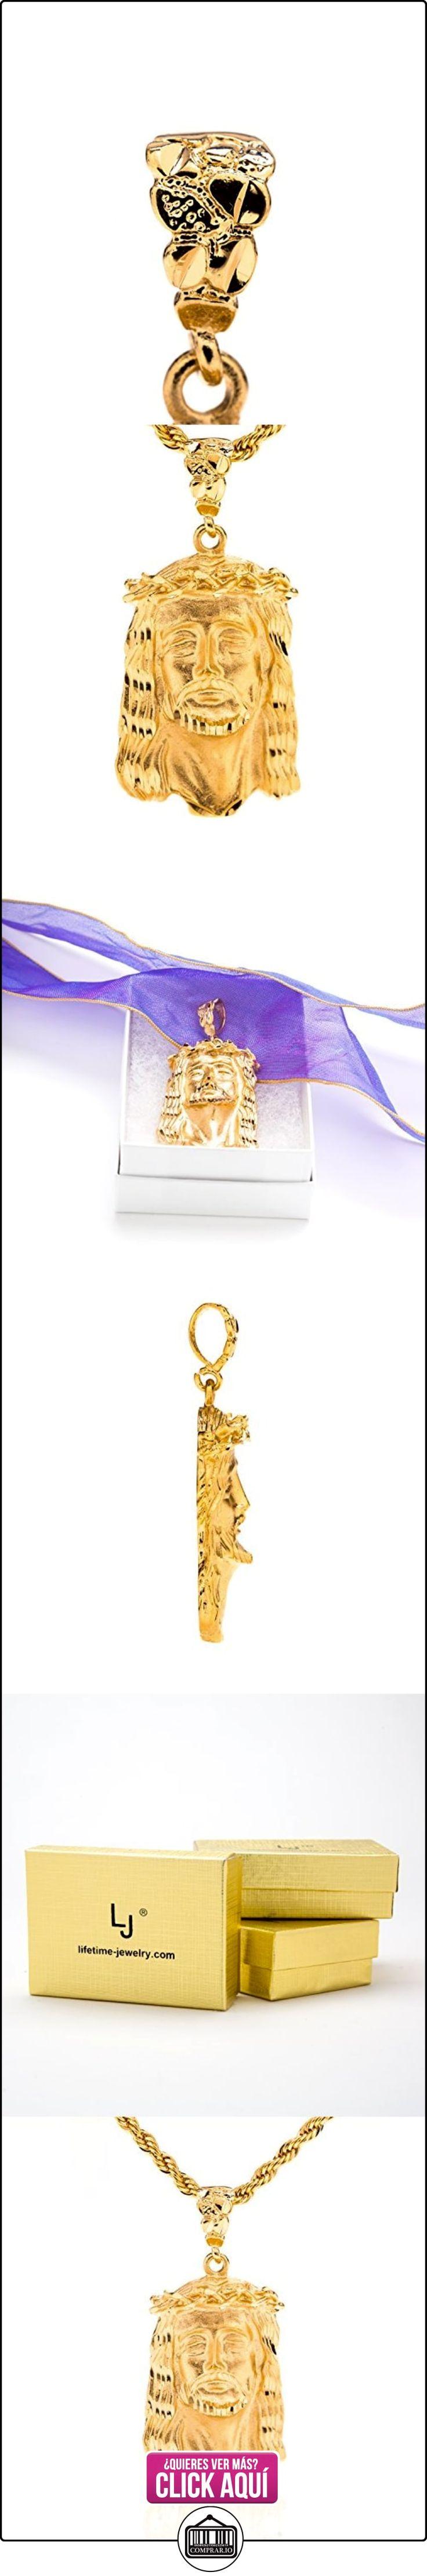 Jesús pieza cadena garantía de por vida garantía de por vida hecho en Estados Unidos X30gruesos 24K chapado en oro Christian collar con colgante Face de Cristo  ✿ Joyas para hombres especiales - lujo ✿ ▬► Ver oferta: https://comprar.io/goto/B01CUZQO5W